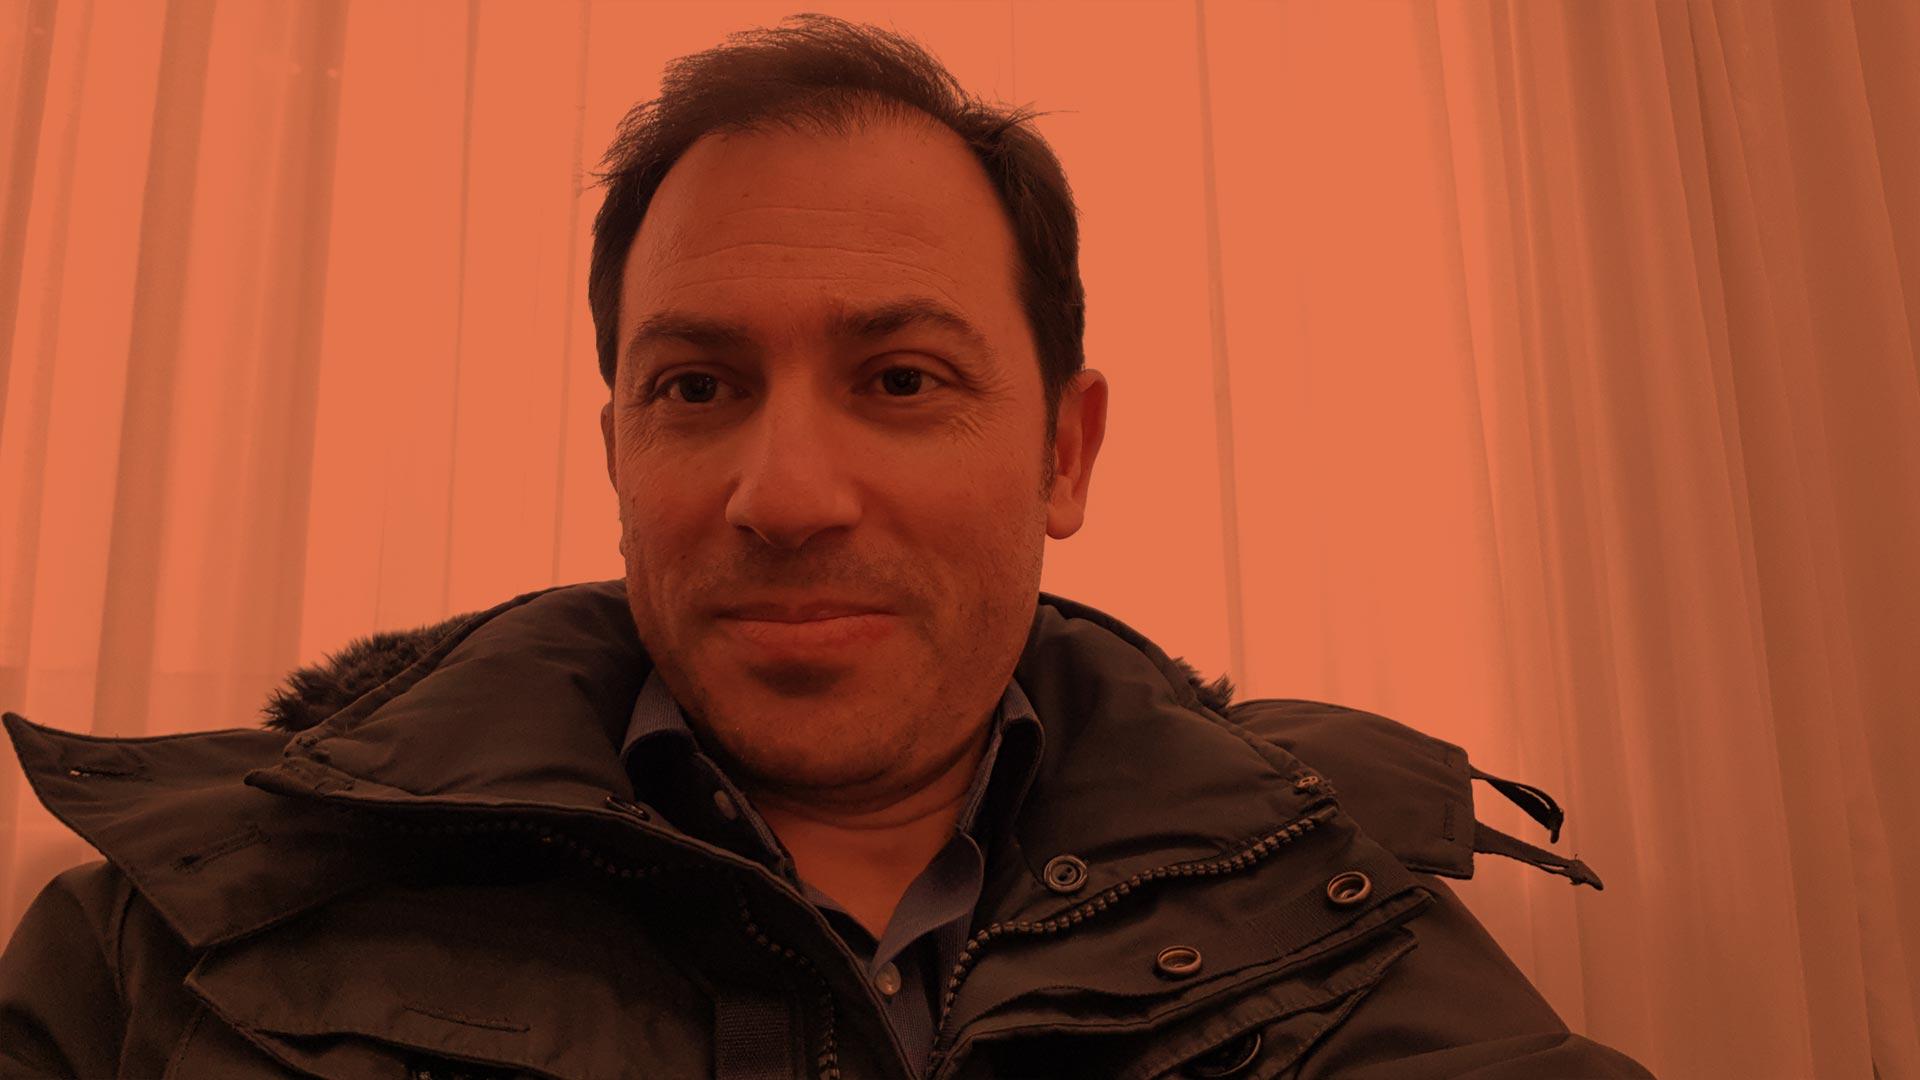 Hector-Robles_Pildoras-Innovacion-Real-233-Cabecera-Blog